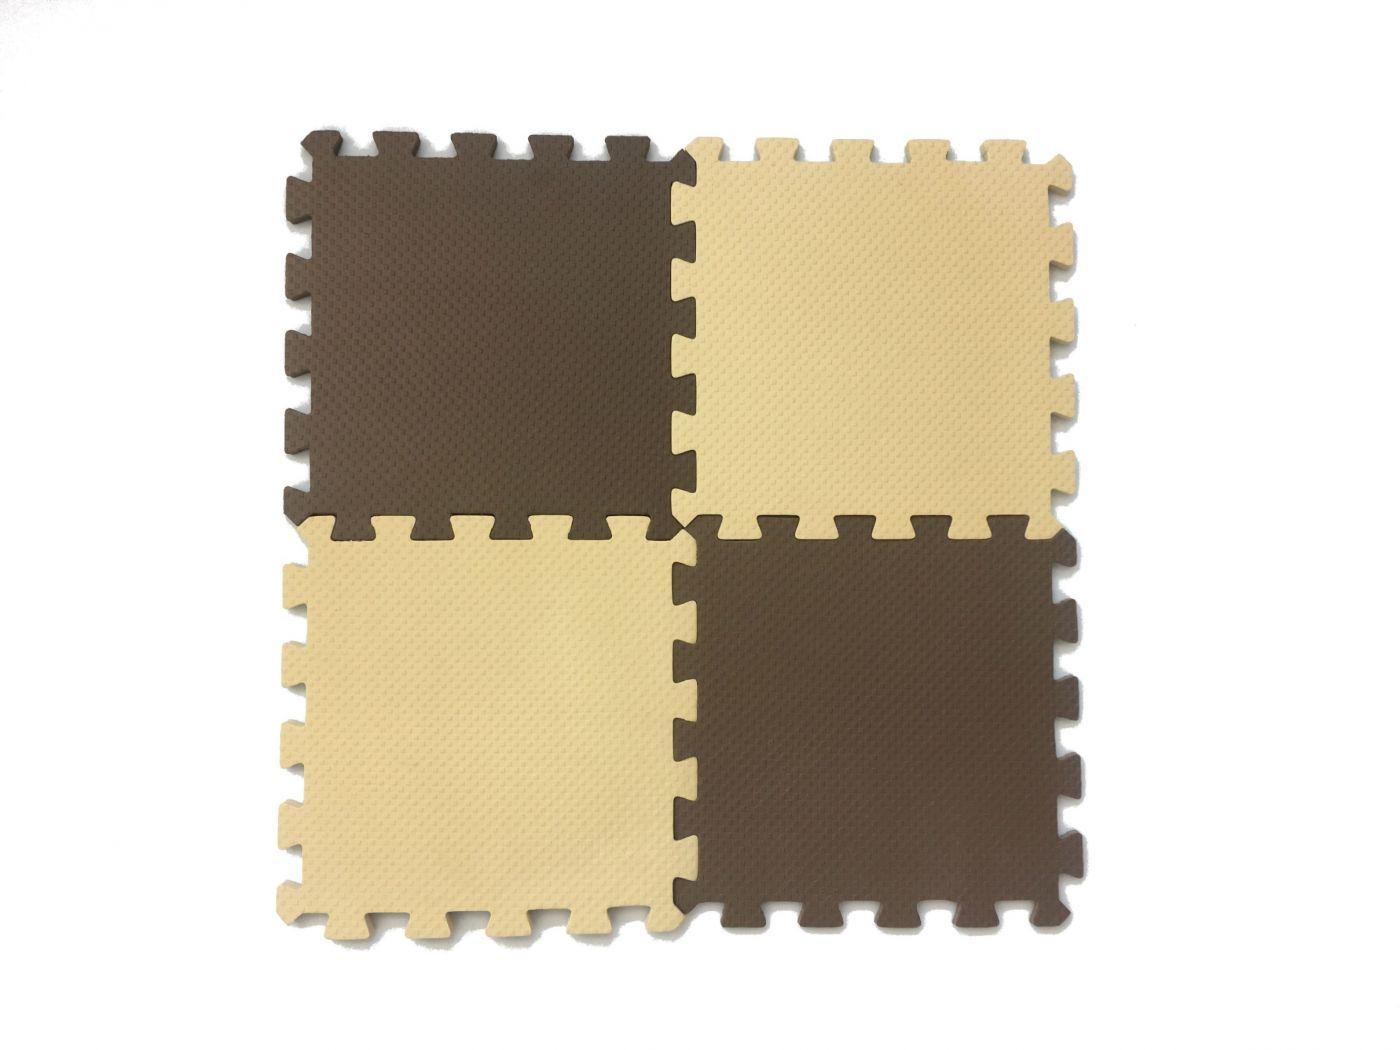 Мягкий пол универсальный 25*25 (см) бежево-коричневый